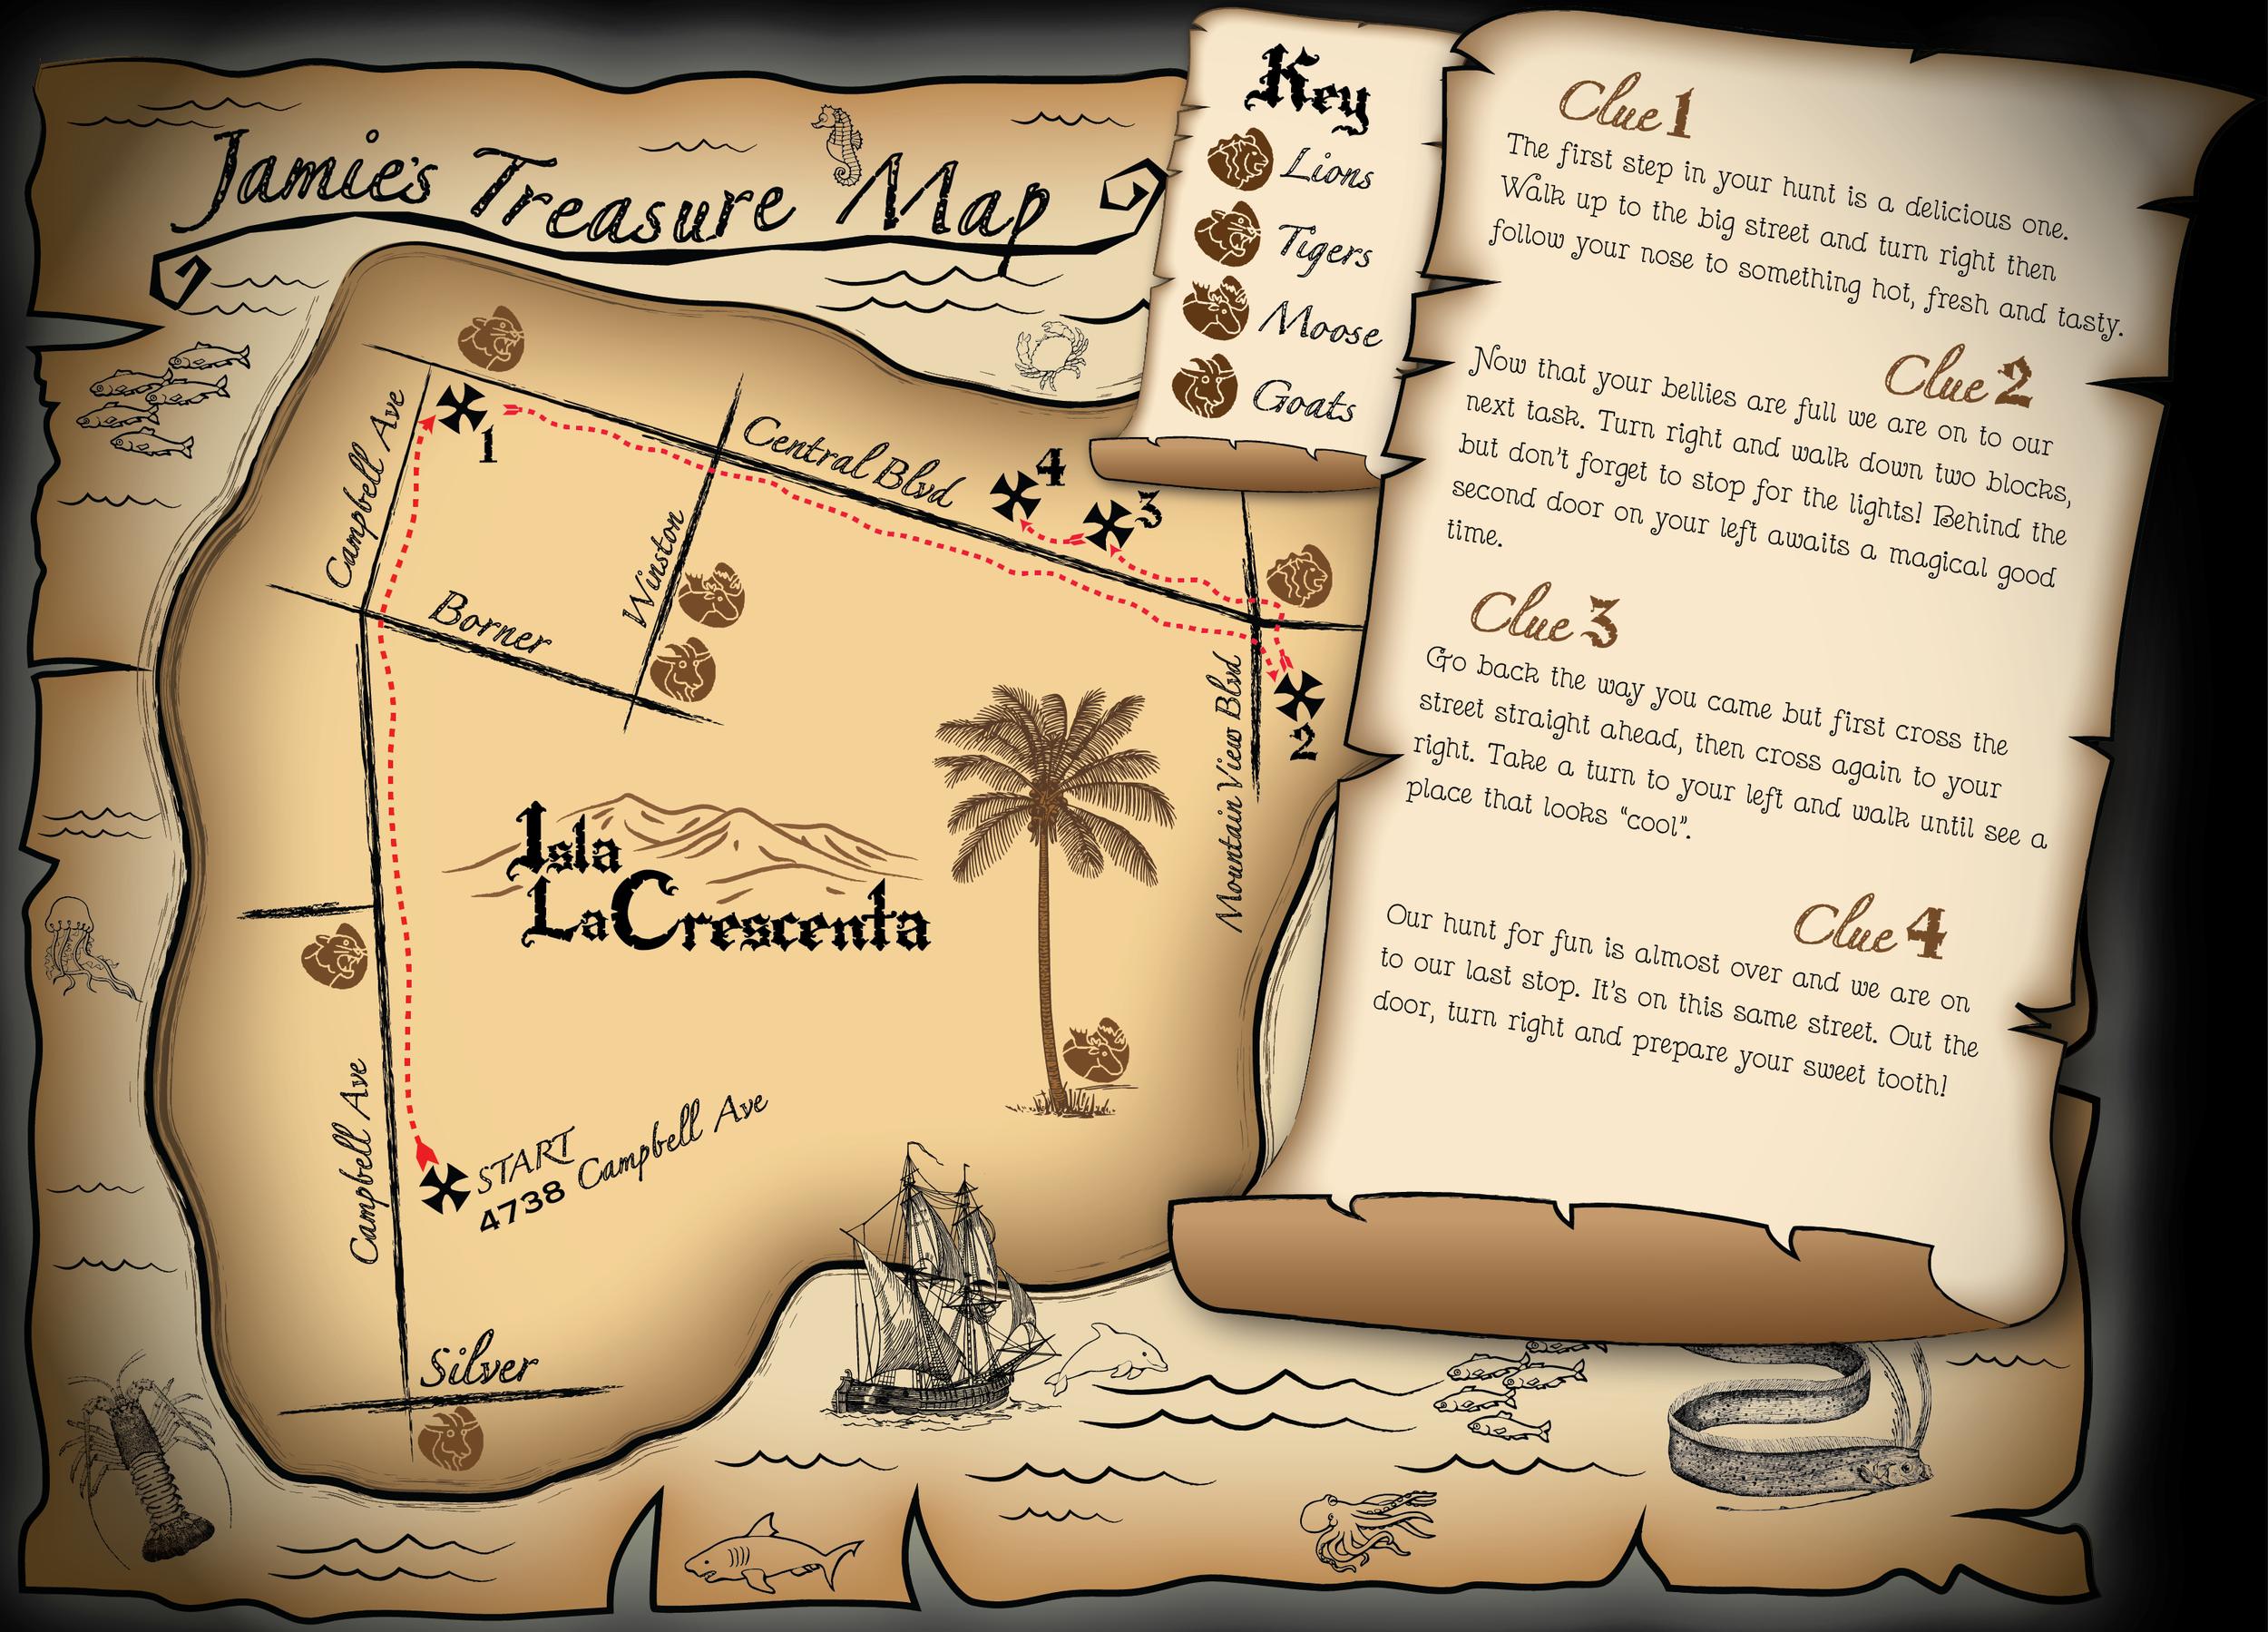 Treasure_map_anonymized-dark_bg.png